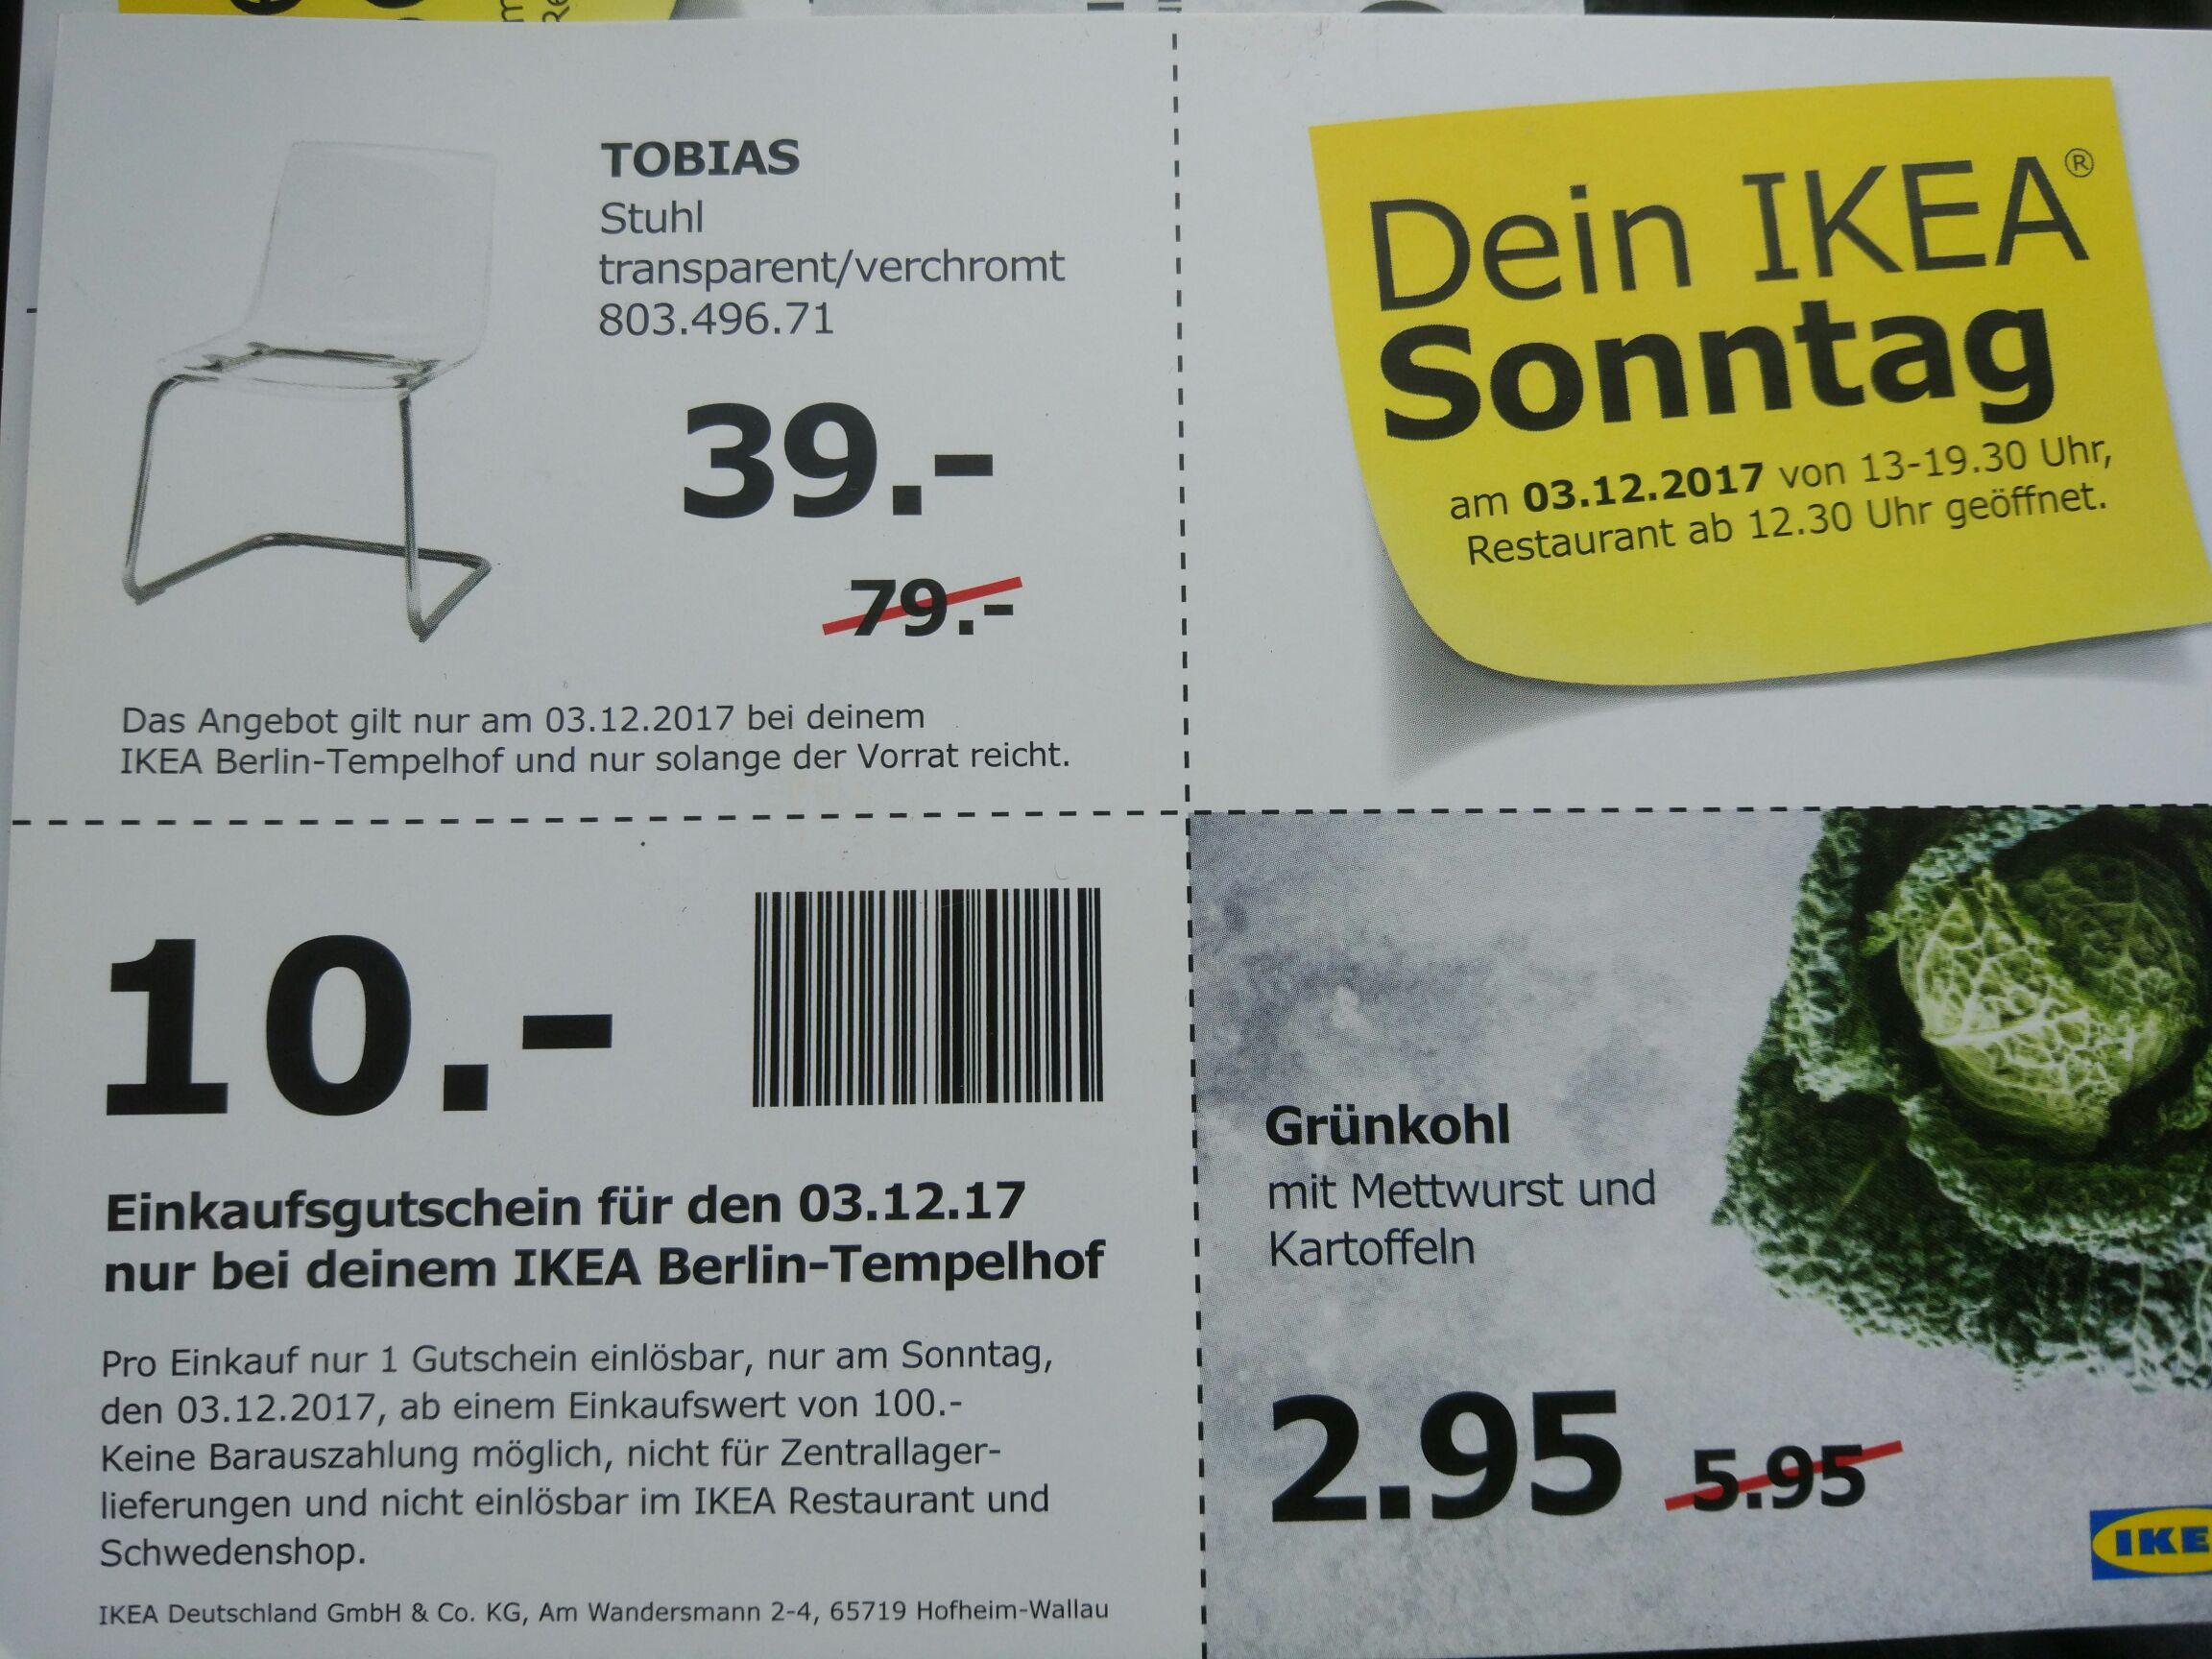 Lokal Ikea Berlin Tempelhof 10€ Einkaufsgutschein für den 03.12.2017